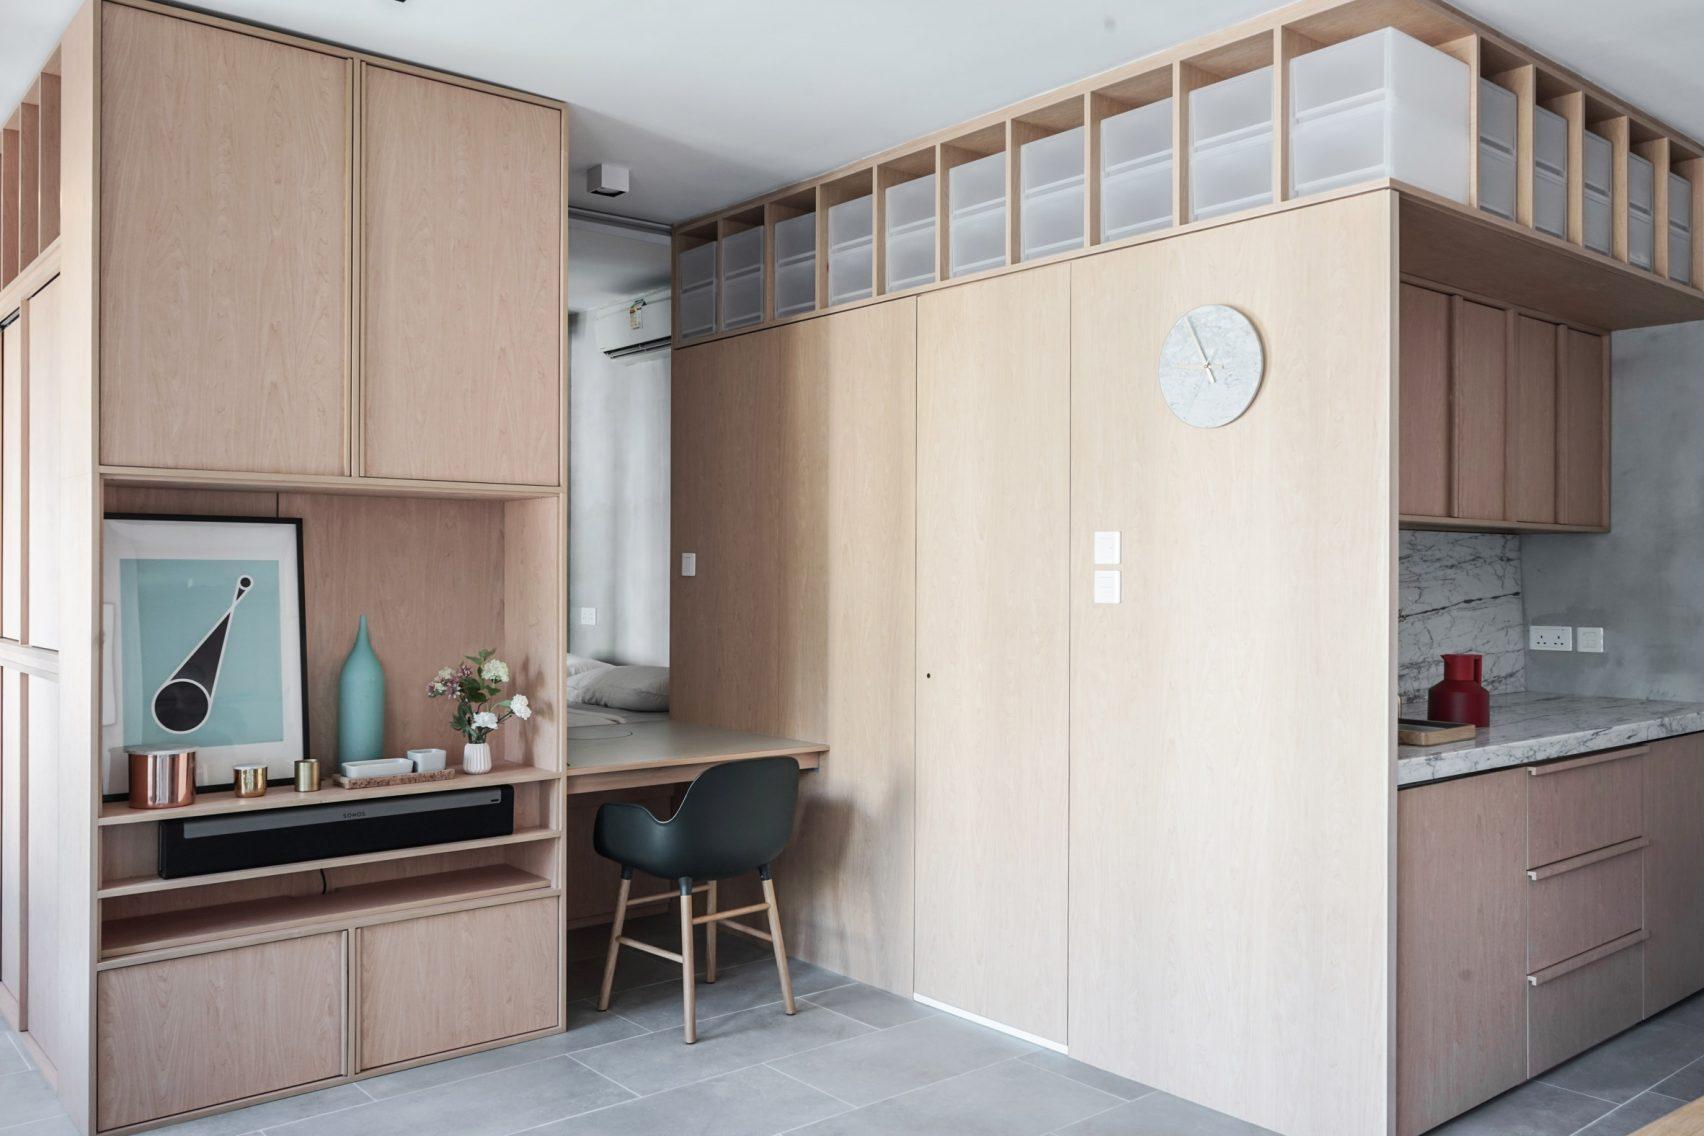 Plano y Diseño interior para Departamentos de 32 metros cuadrados